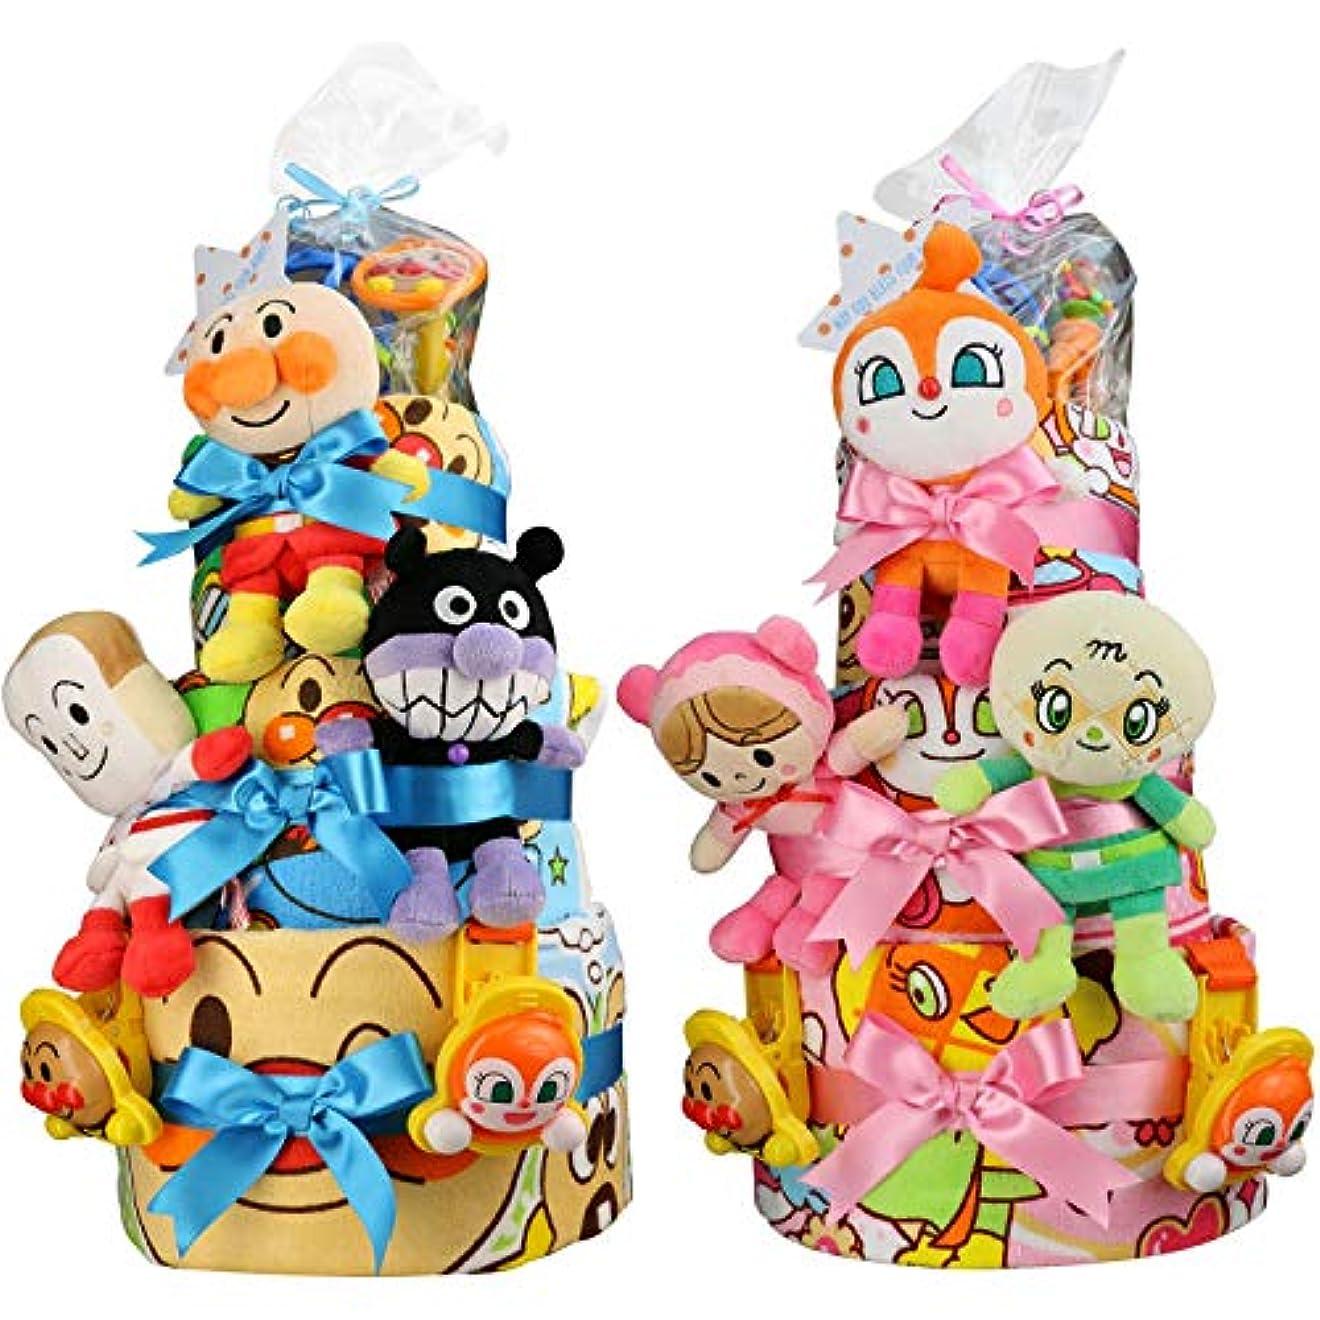 好む些細暗いセガトイズ 出産祝い アンパンマン 超豪華3段 おむつケーキ おもちゃ (パンパーステープタイプSサイズ, 男の子向け(ブルー系))